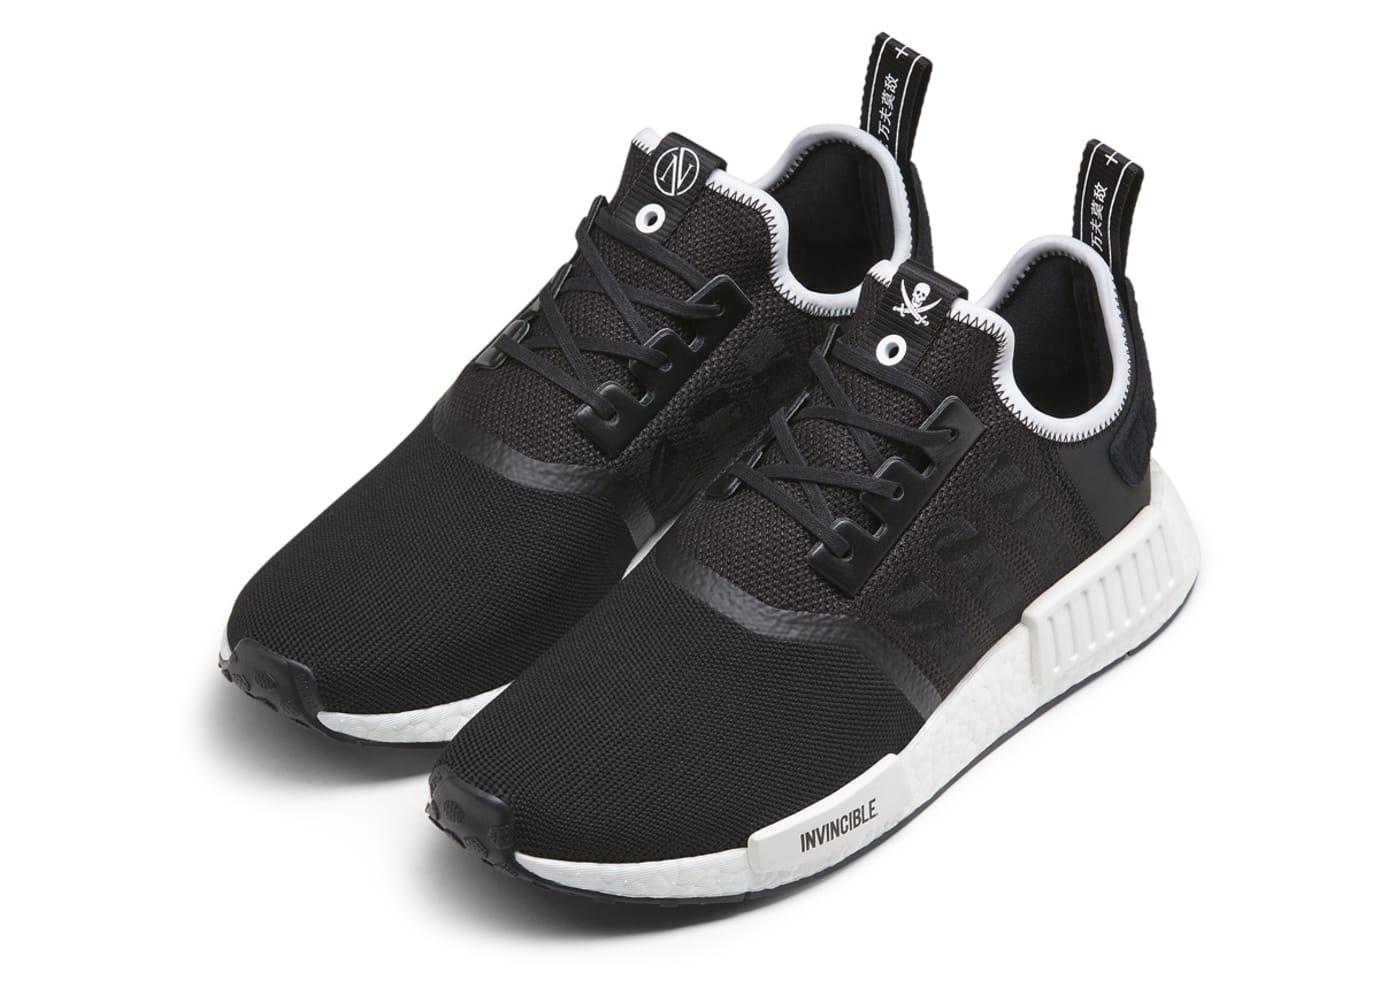 Neighborhood Invincible Adidas NMD